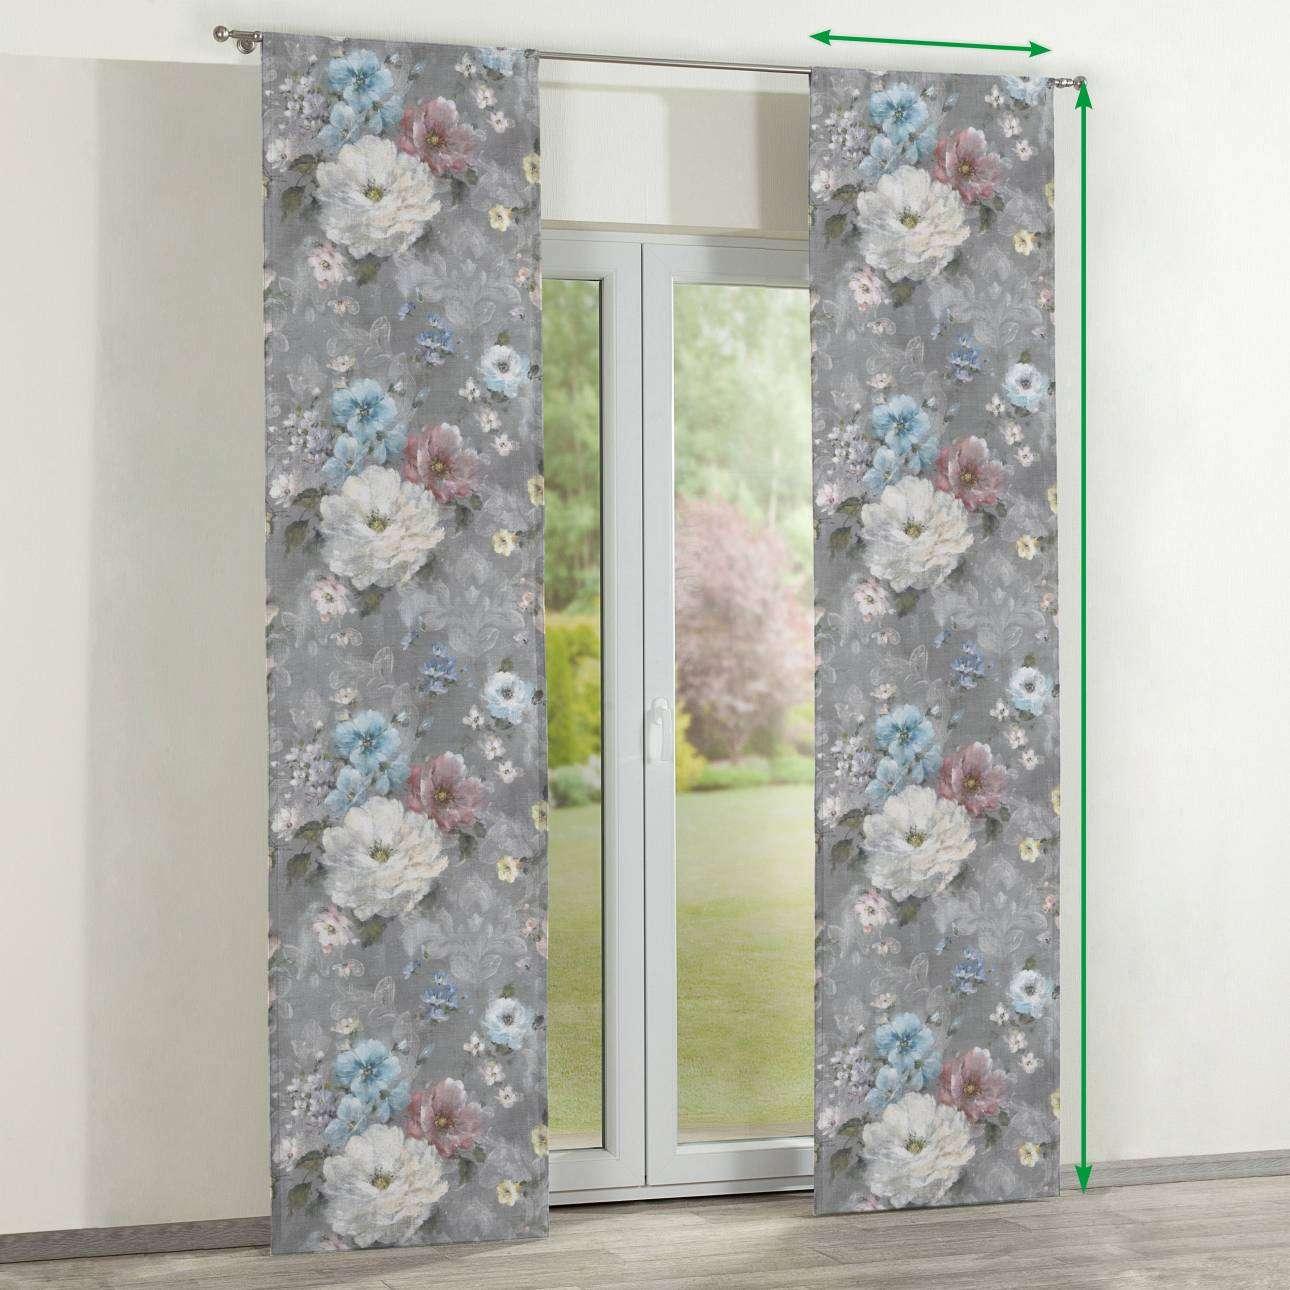 Zasłony panelowe 2 szt. w kolekcji Flowers, tkanina: 137-81